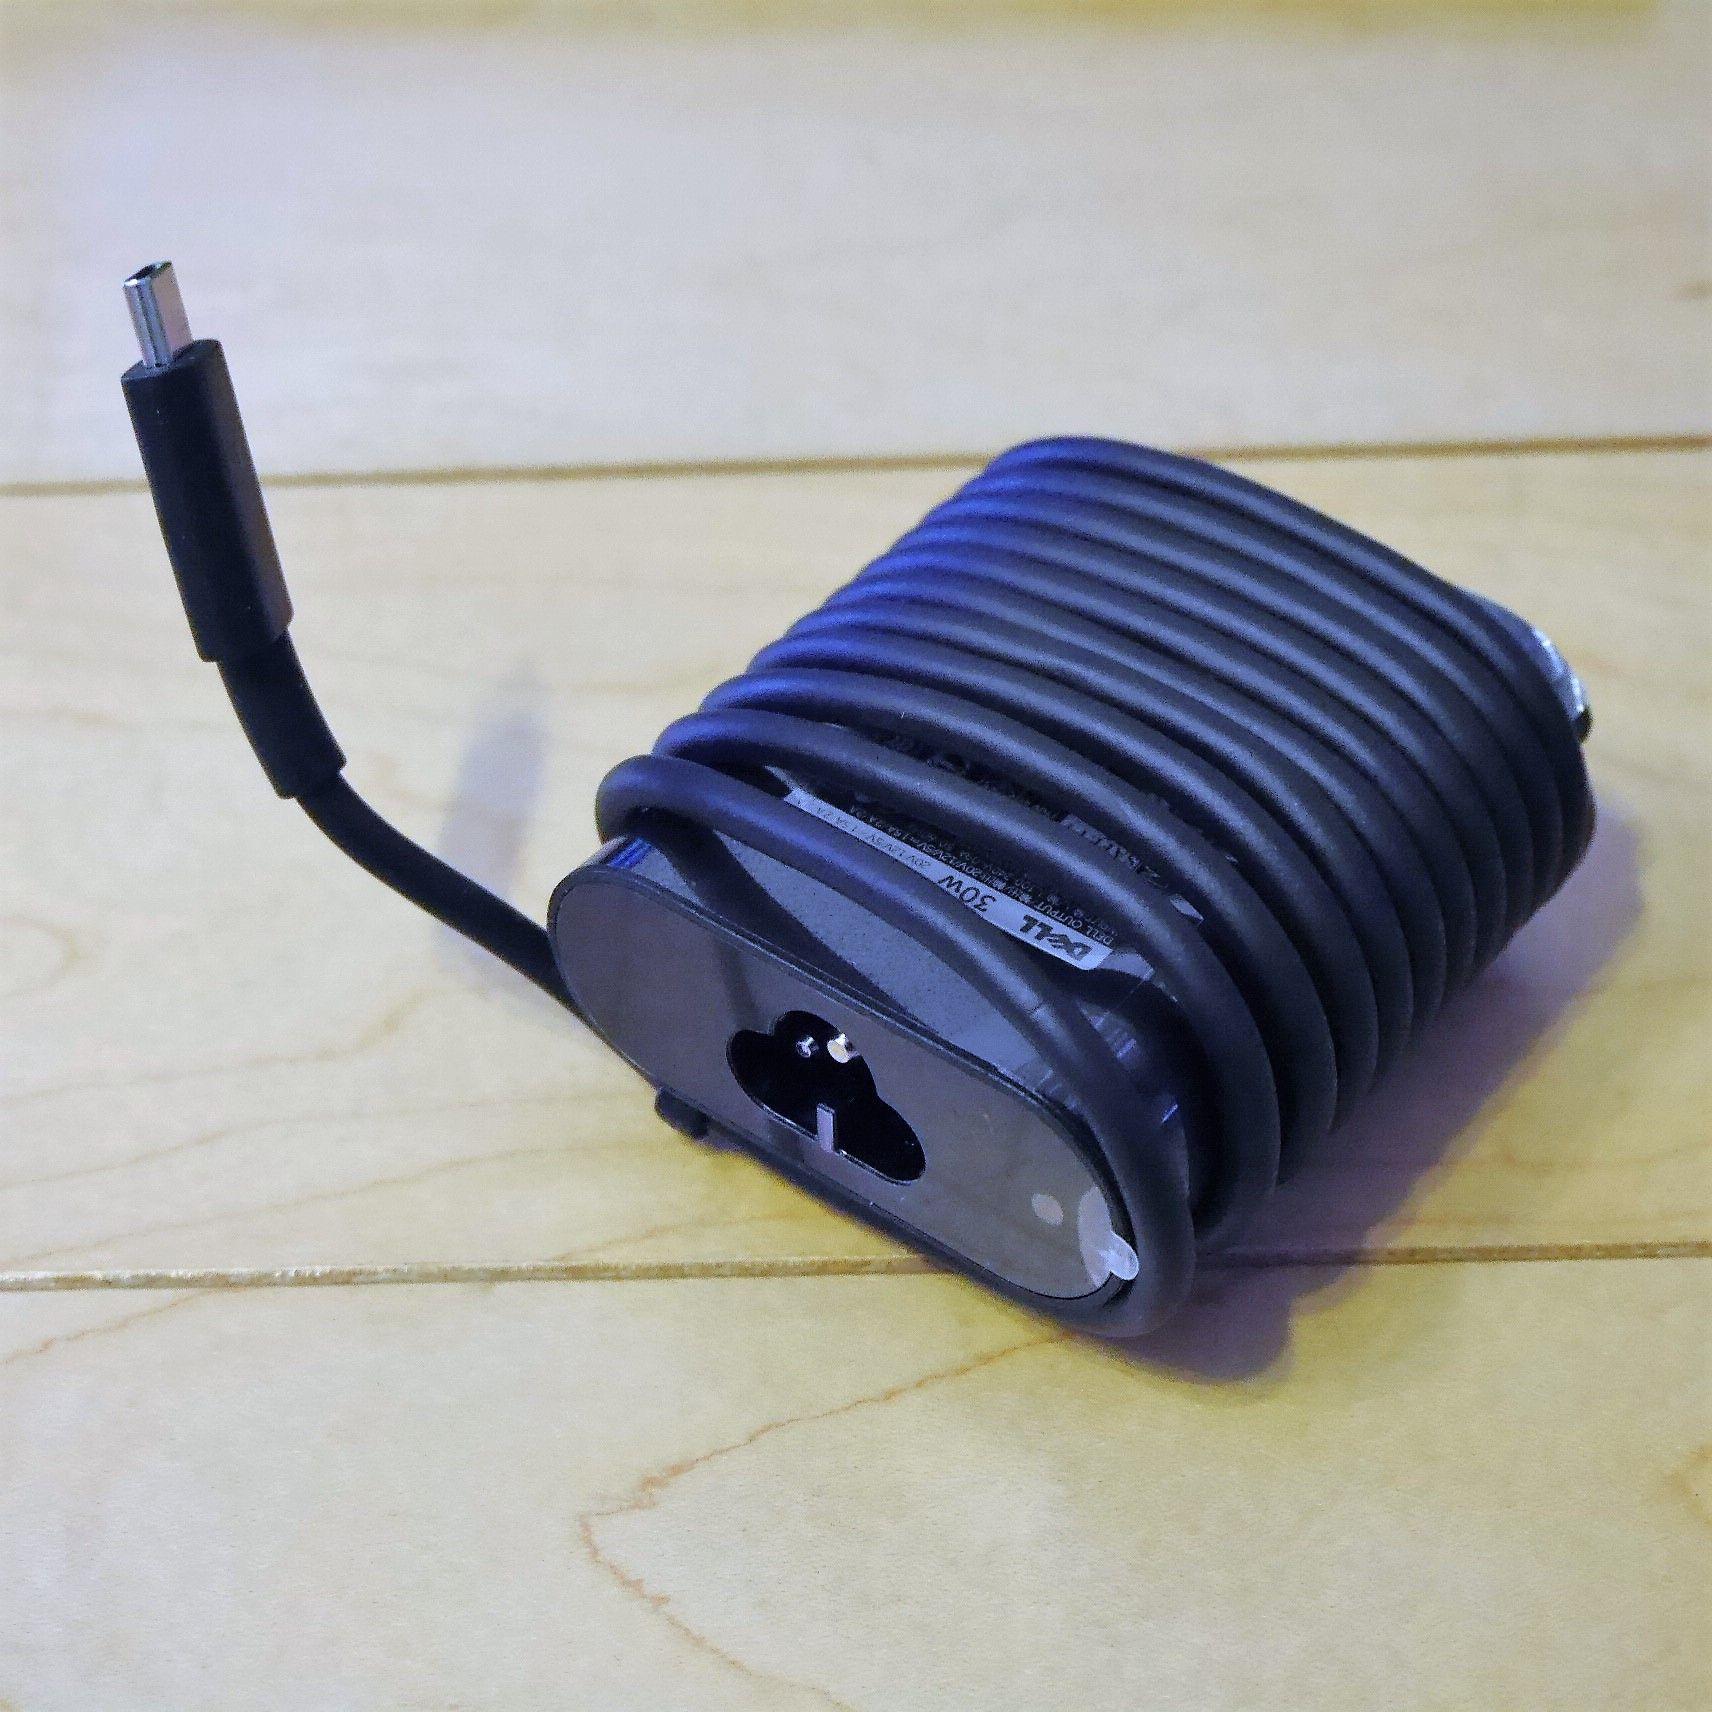 Dell_XPS_充電アダプター